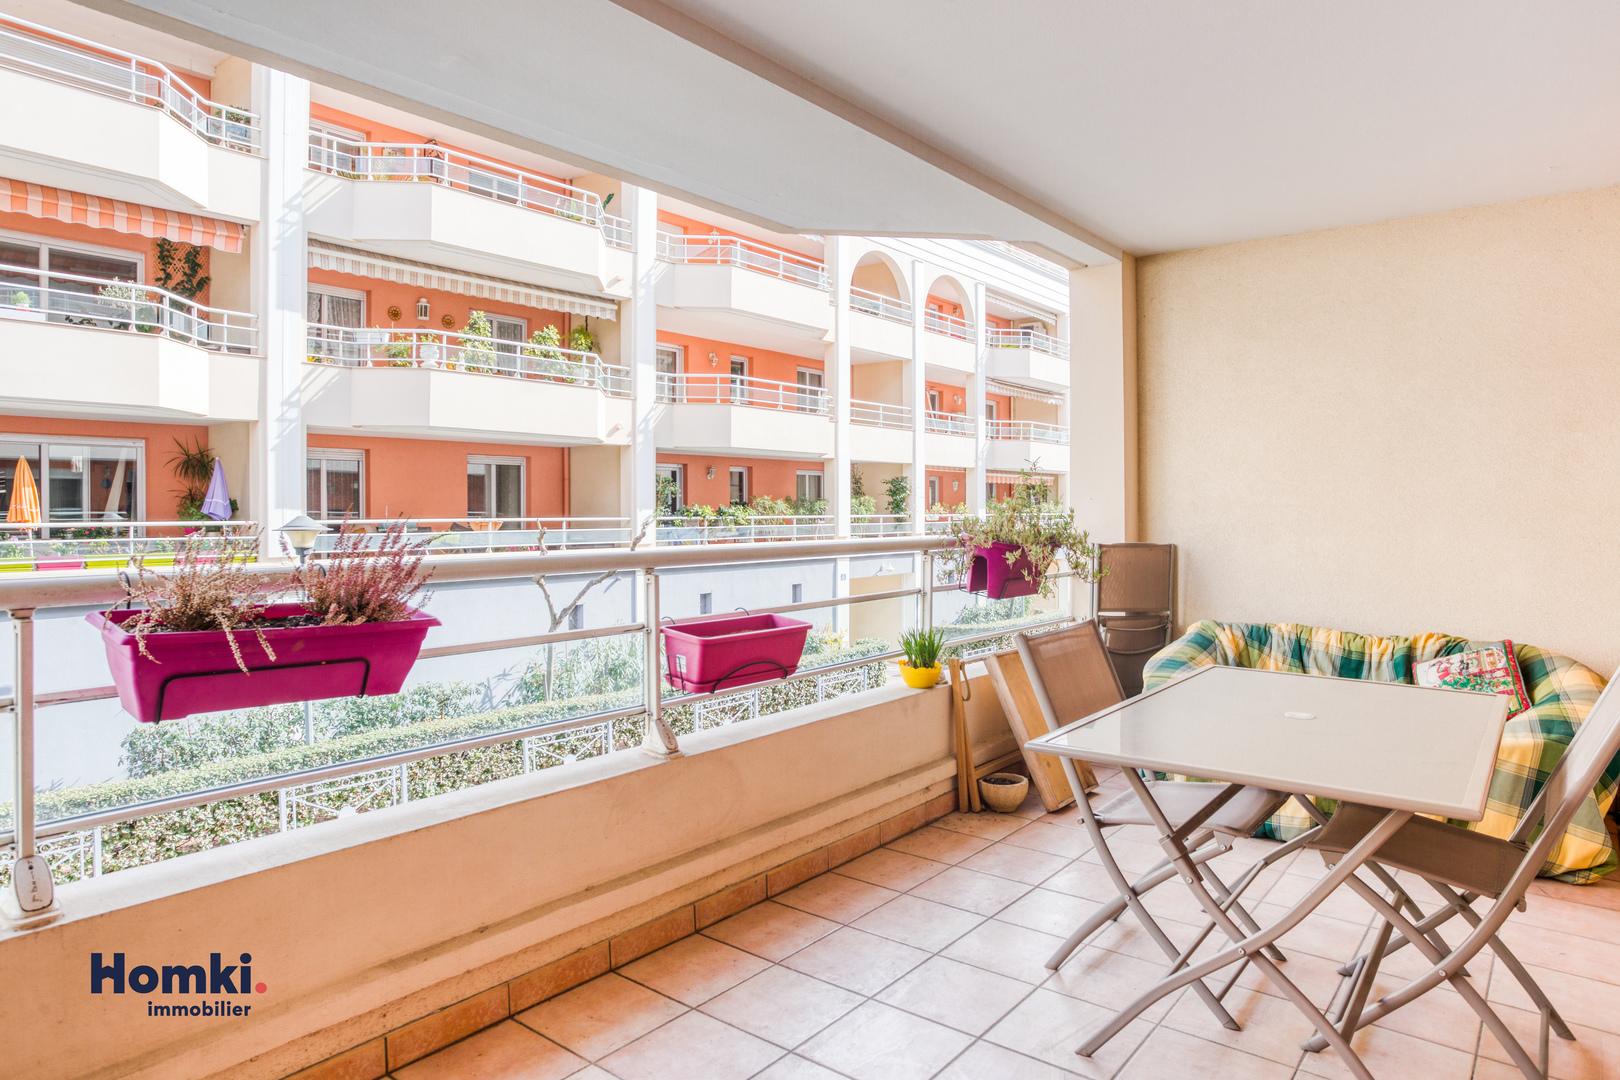 Vente Appartement 72 m² T4 83700_6